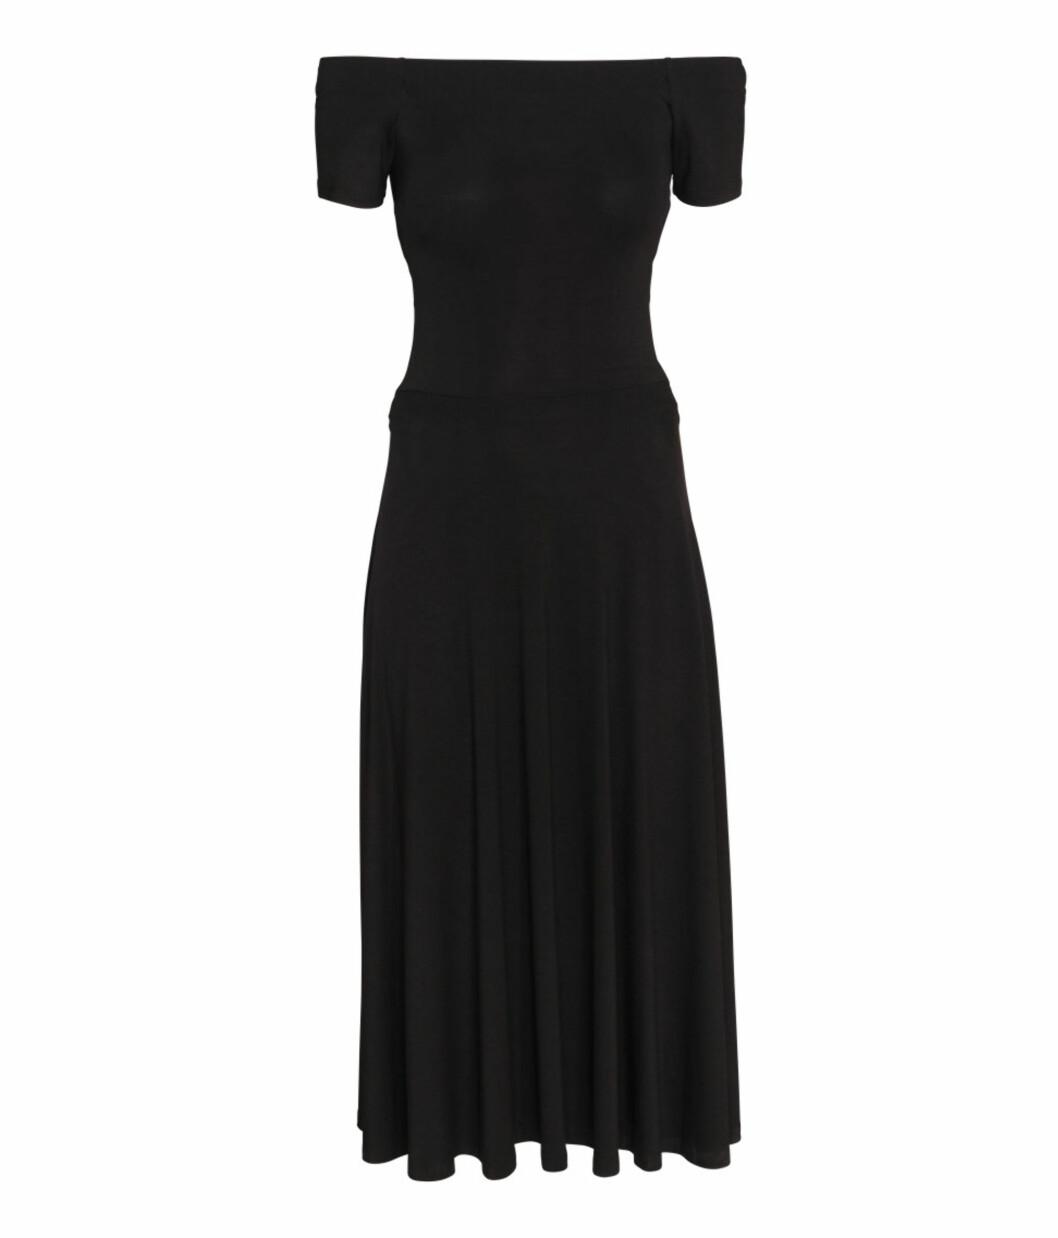 Kjole fra H&M | kr 349 | Foto: Produsenten